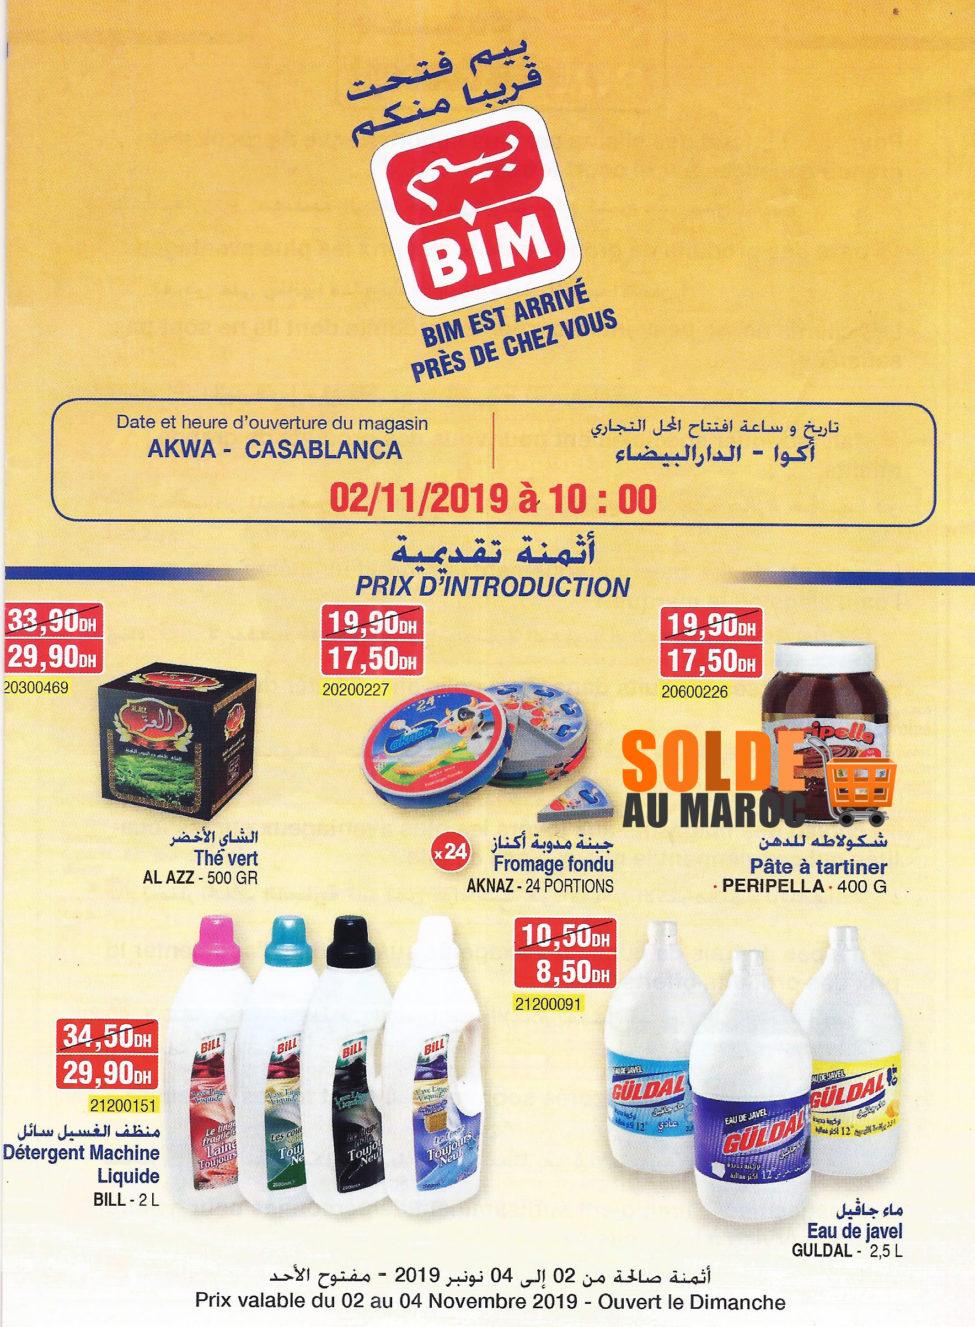 Catalogue Bim Lot les Iris Ain Sebâa Casablanca du 2 au 4 Novembre 2019